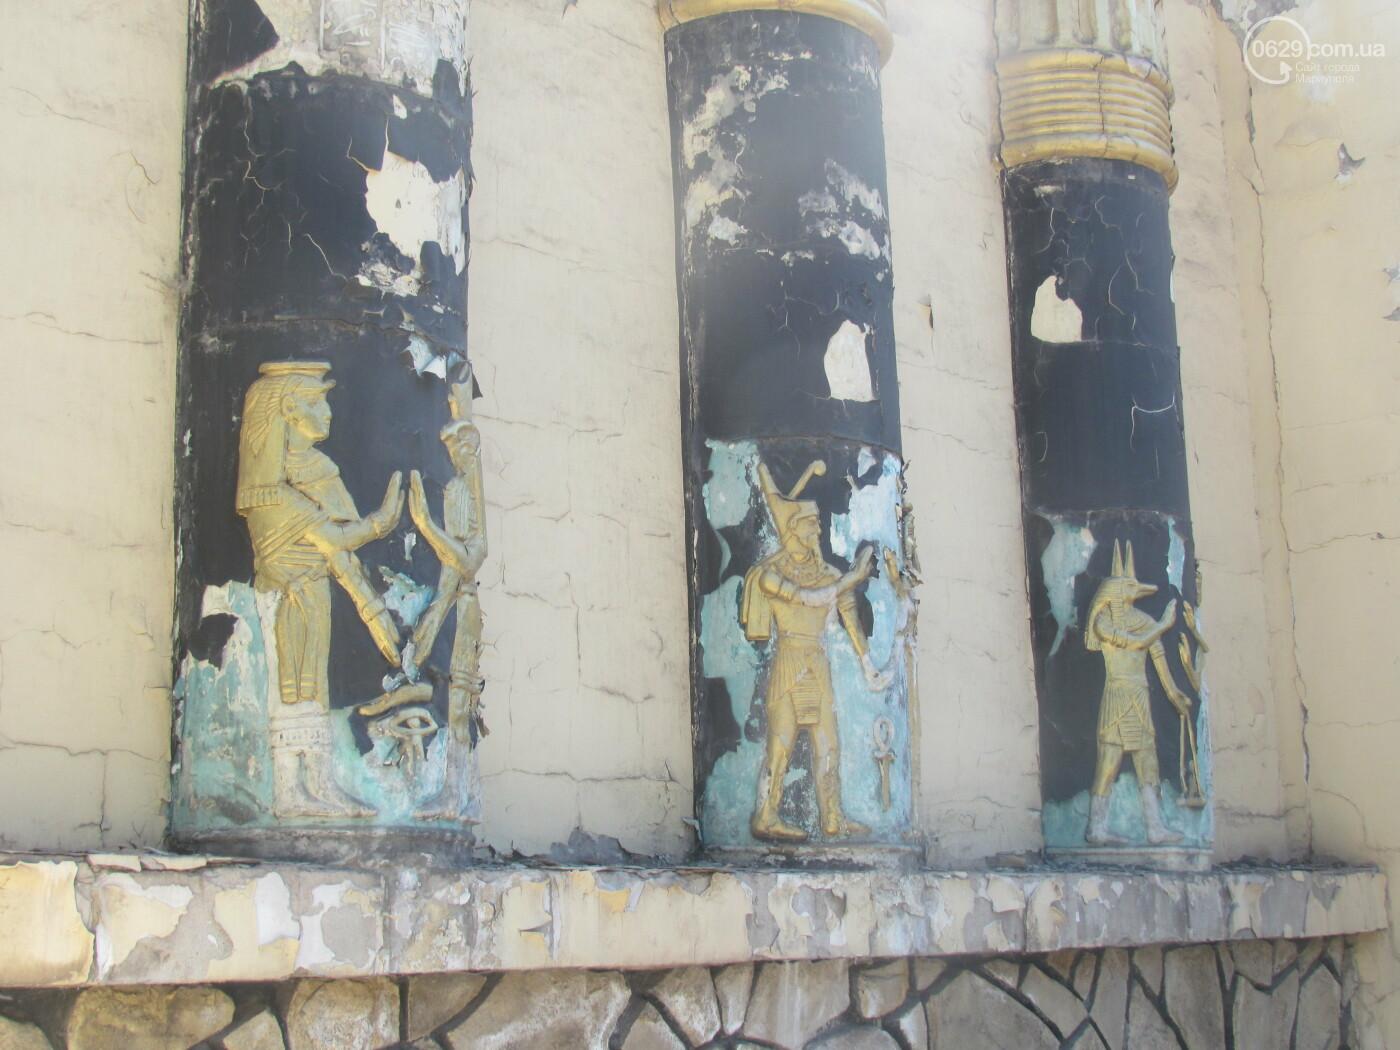 Поверженная цивилизация. От мариупольского ночного клуба остались руины, - ФОТОРЕПОРТАЖ , фото-8